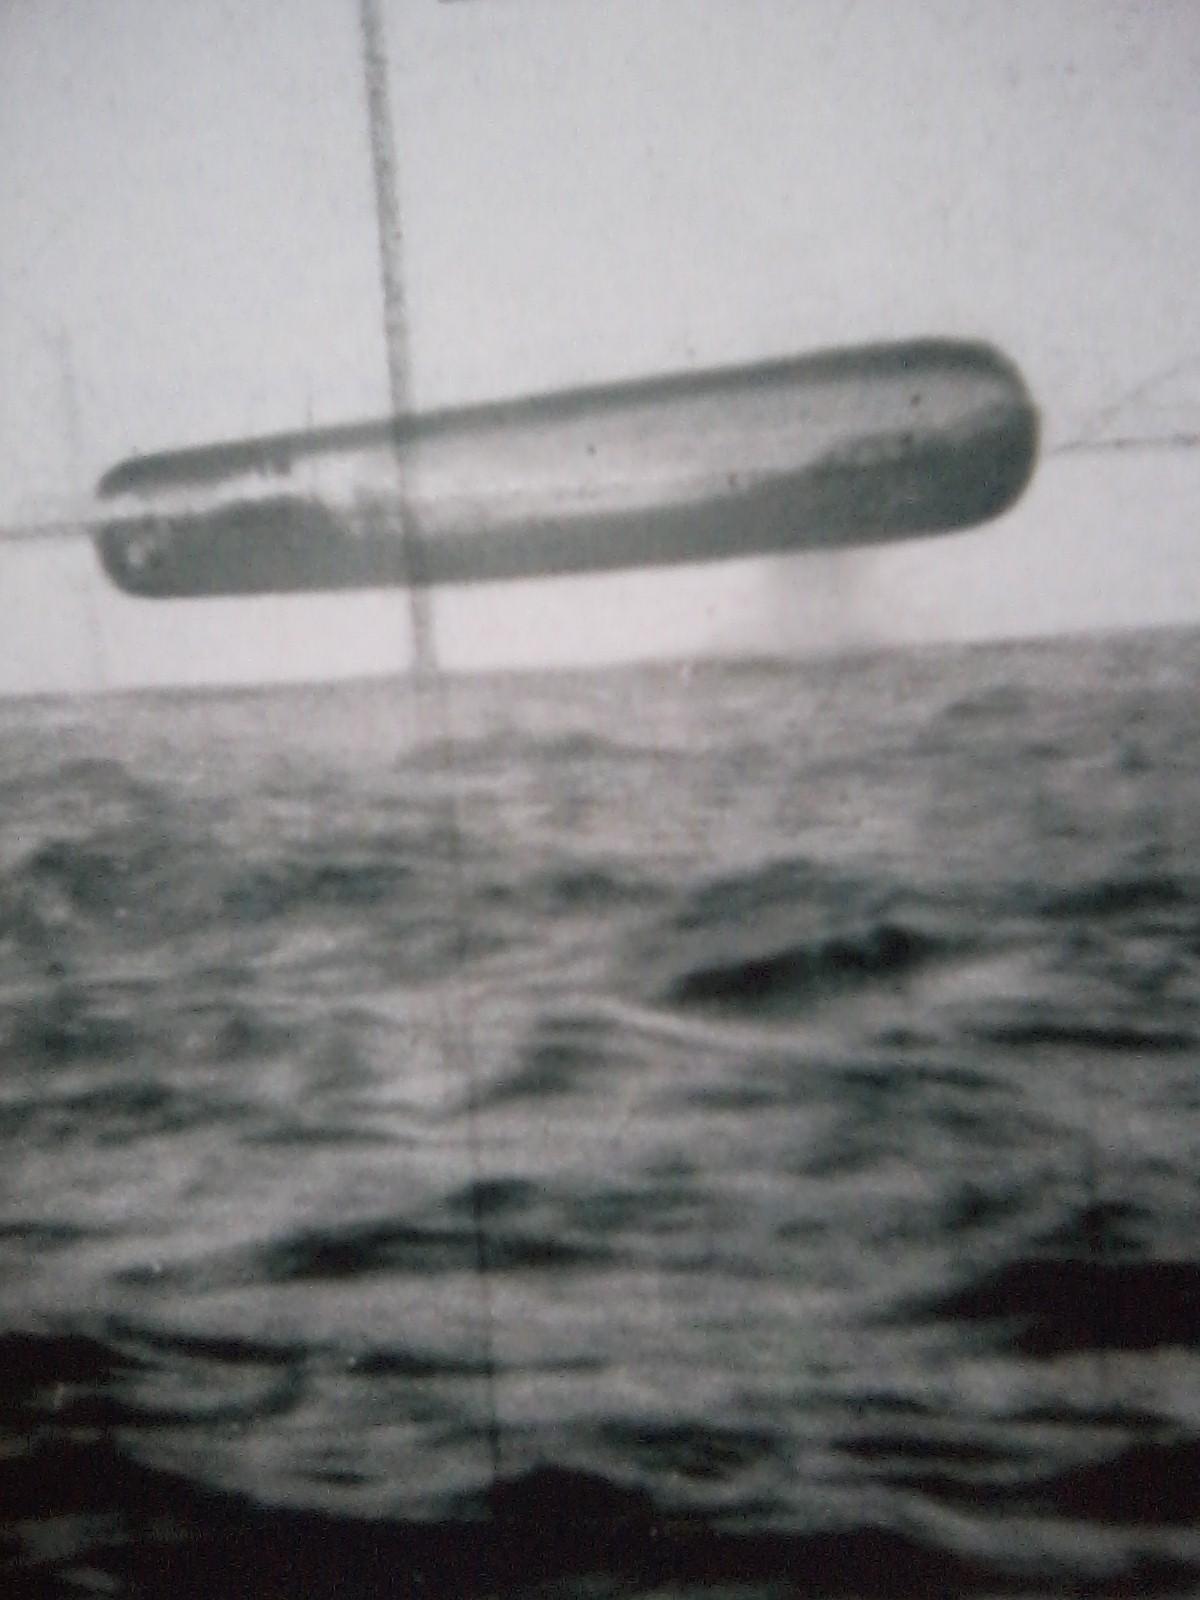 Фотография: © U.S. Navy/theblackvault.com